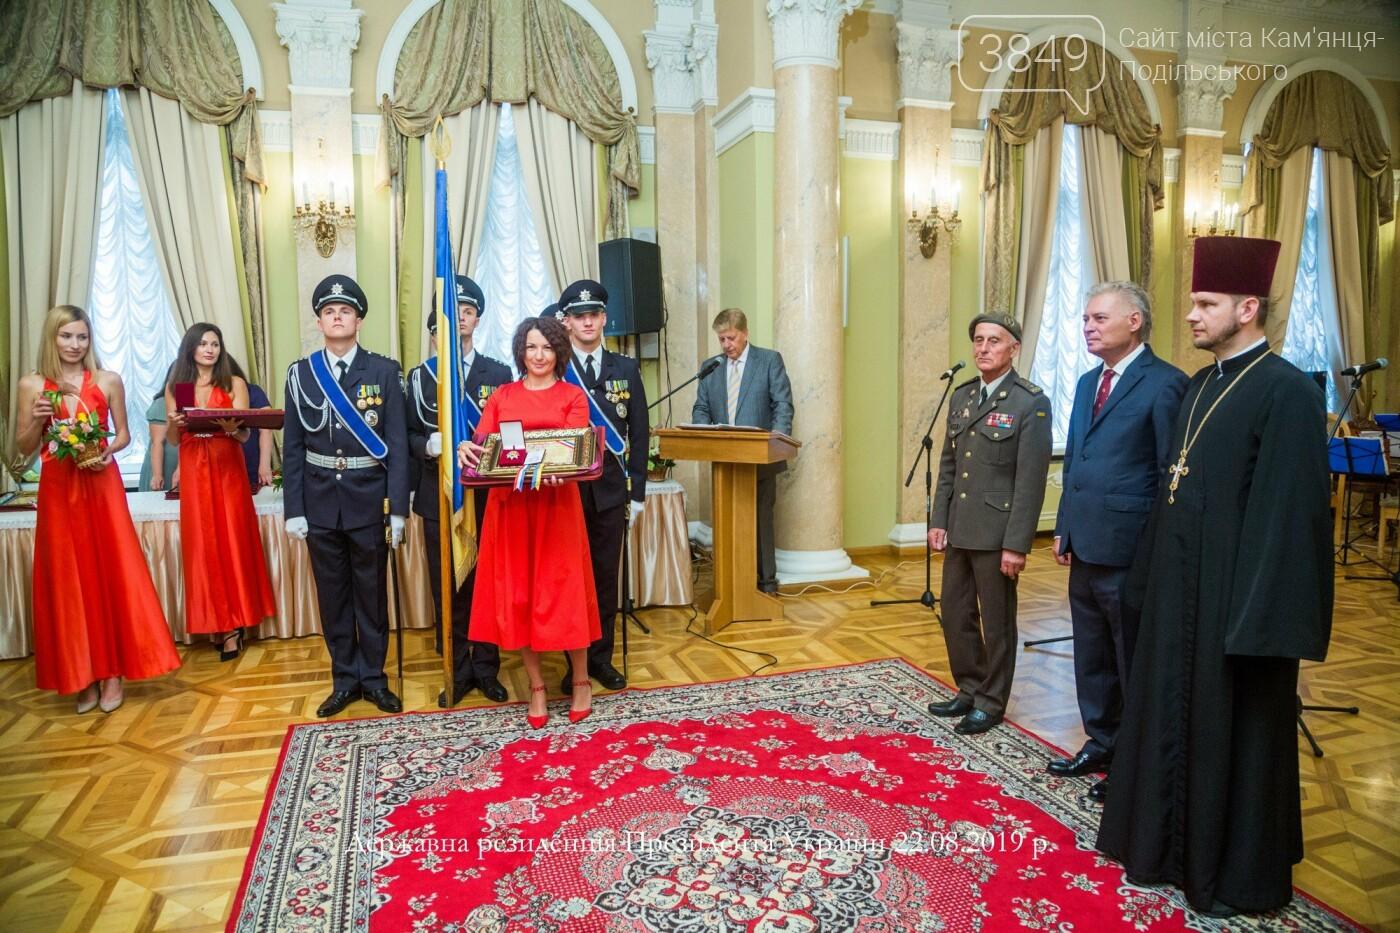 Лікар із Кам'янця-Подільського отримала найвищий міжнародний суспільний орден України, фото-7